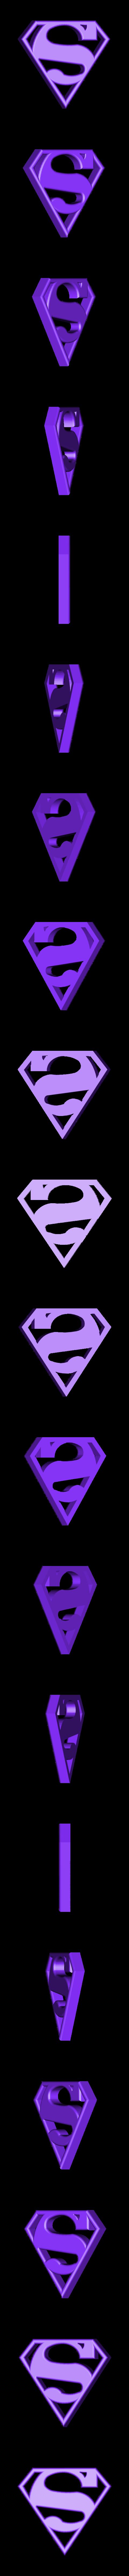 SuperMan.STL Télécharger fichier STL gratuit SUPERMAN LED Lumière / Lumière de nuit • Plan imprimable en 3D, Balkhagal4D